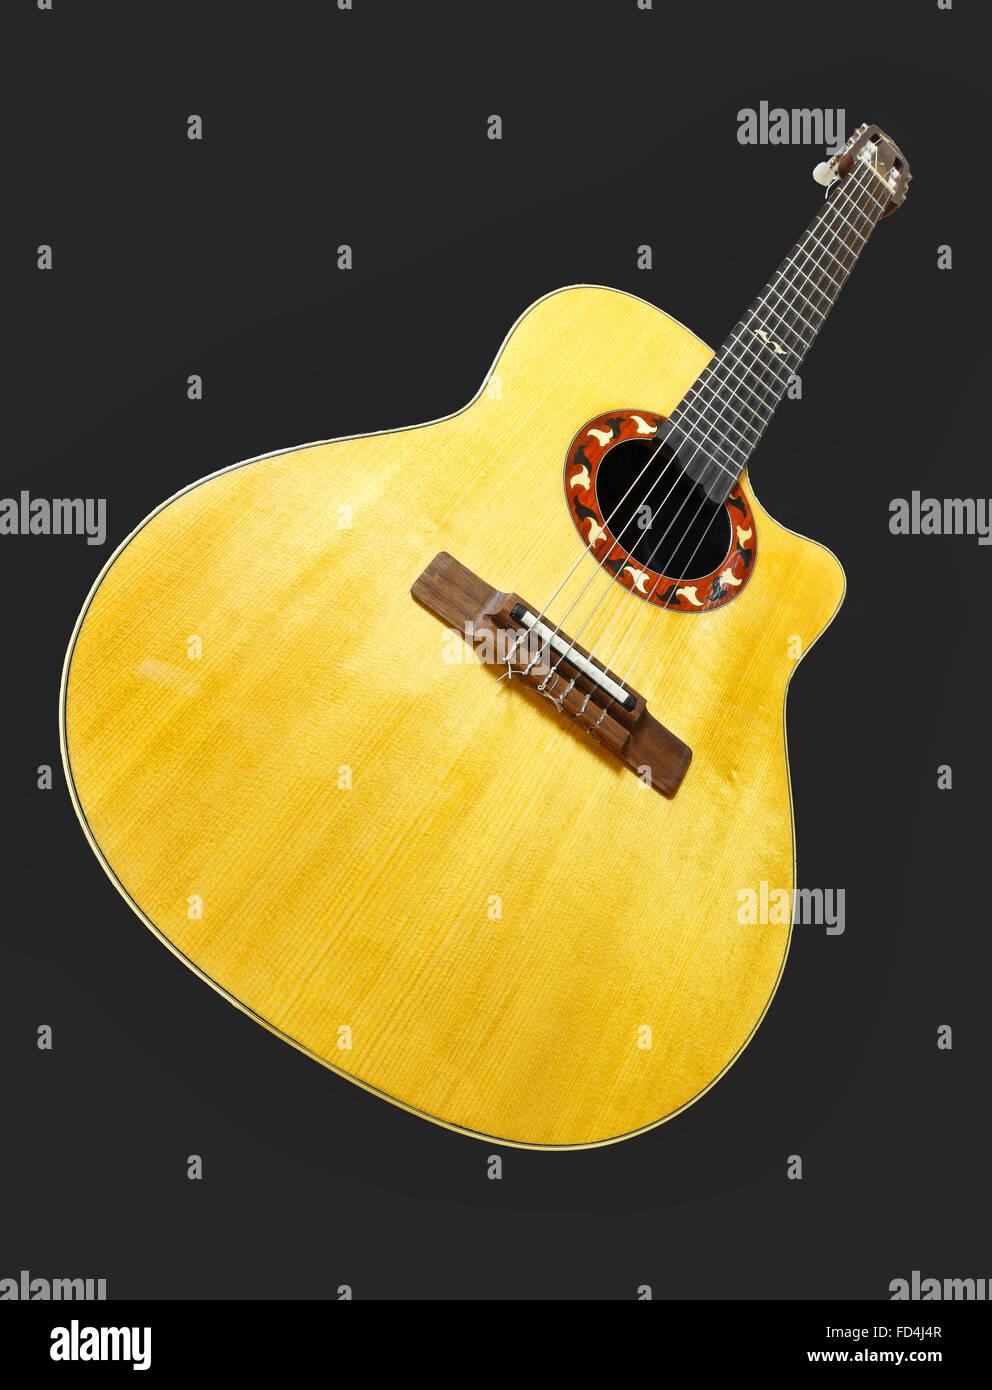 Eine klassische Gitarre aus Nahaufnahme mit Perspektive Stockbild